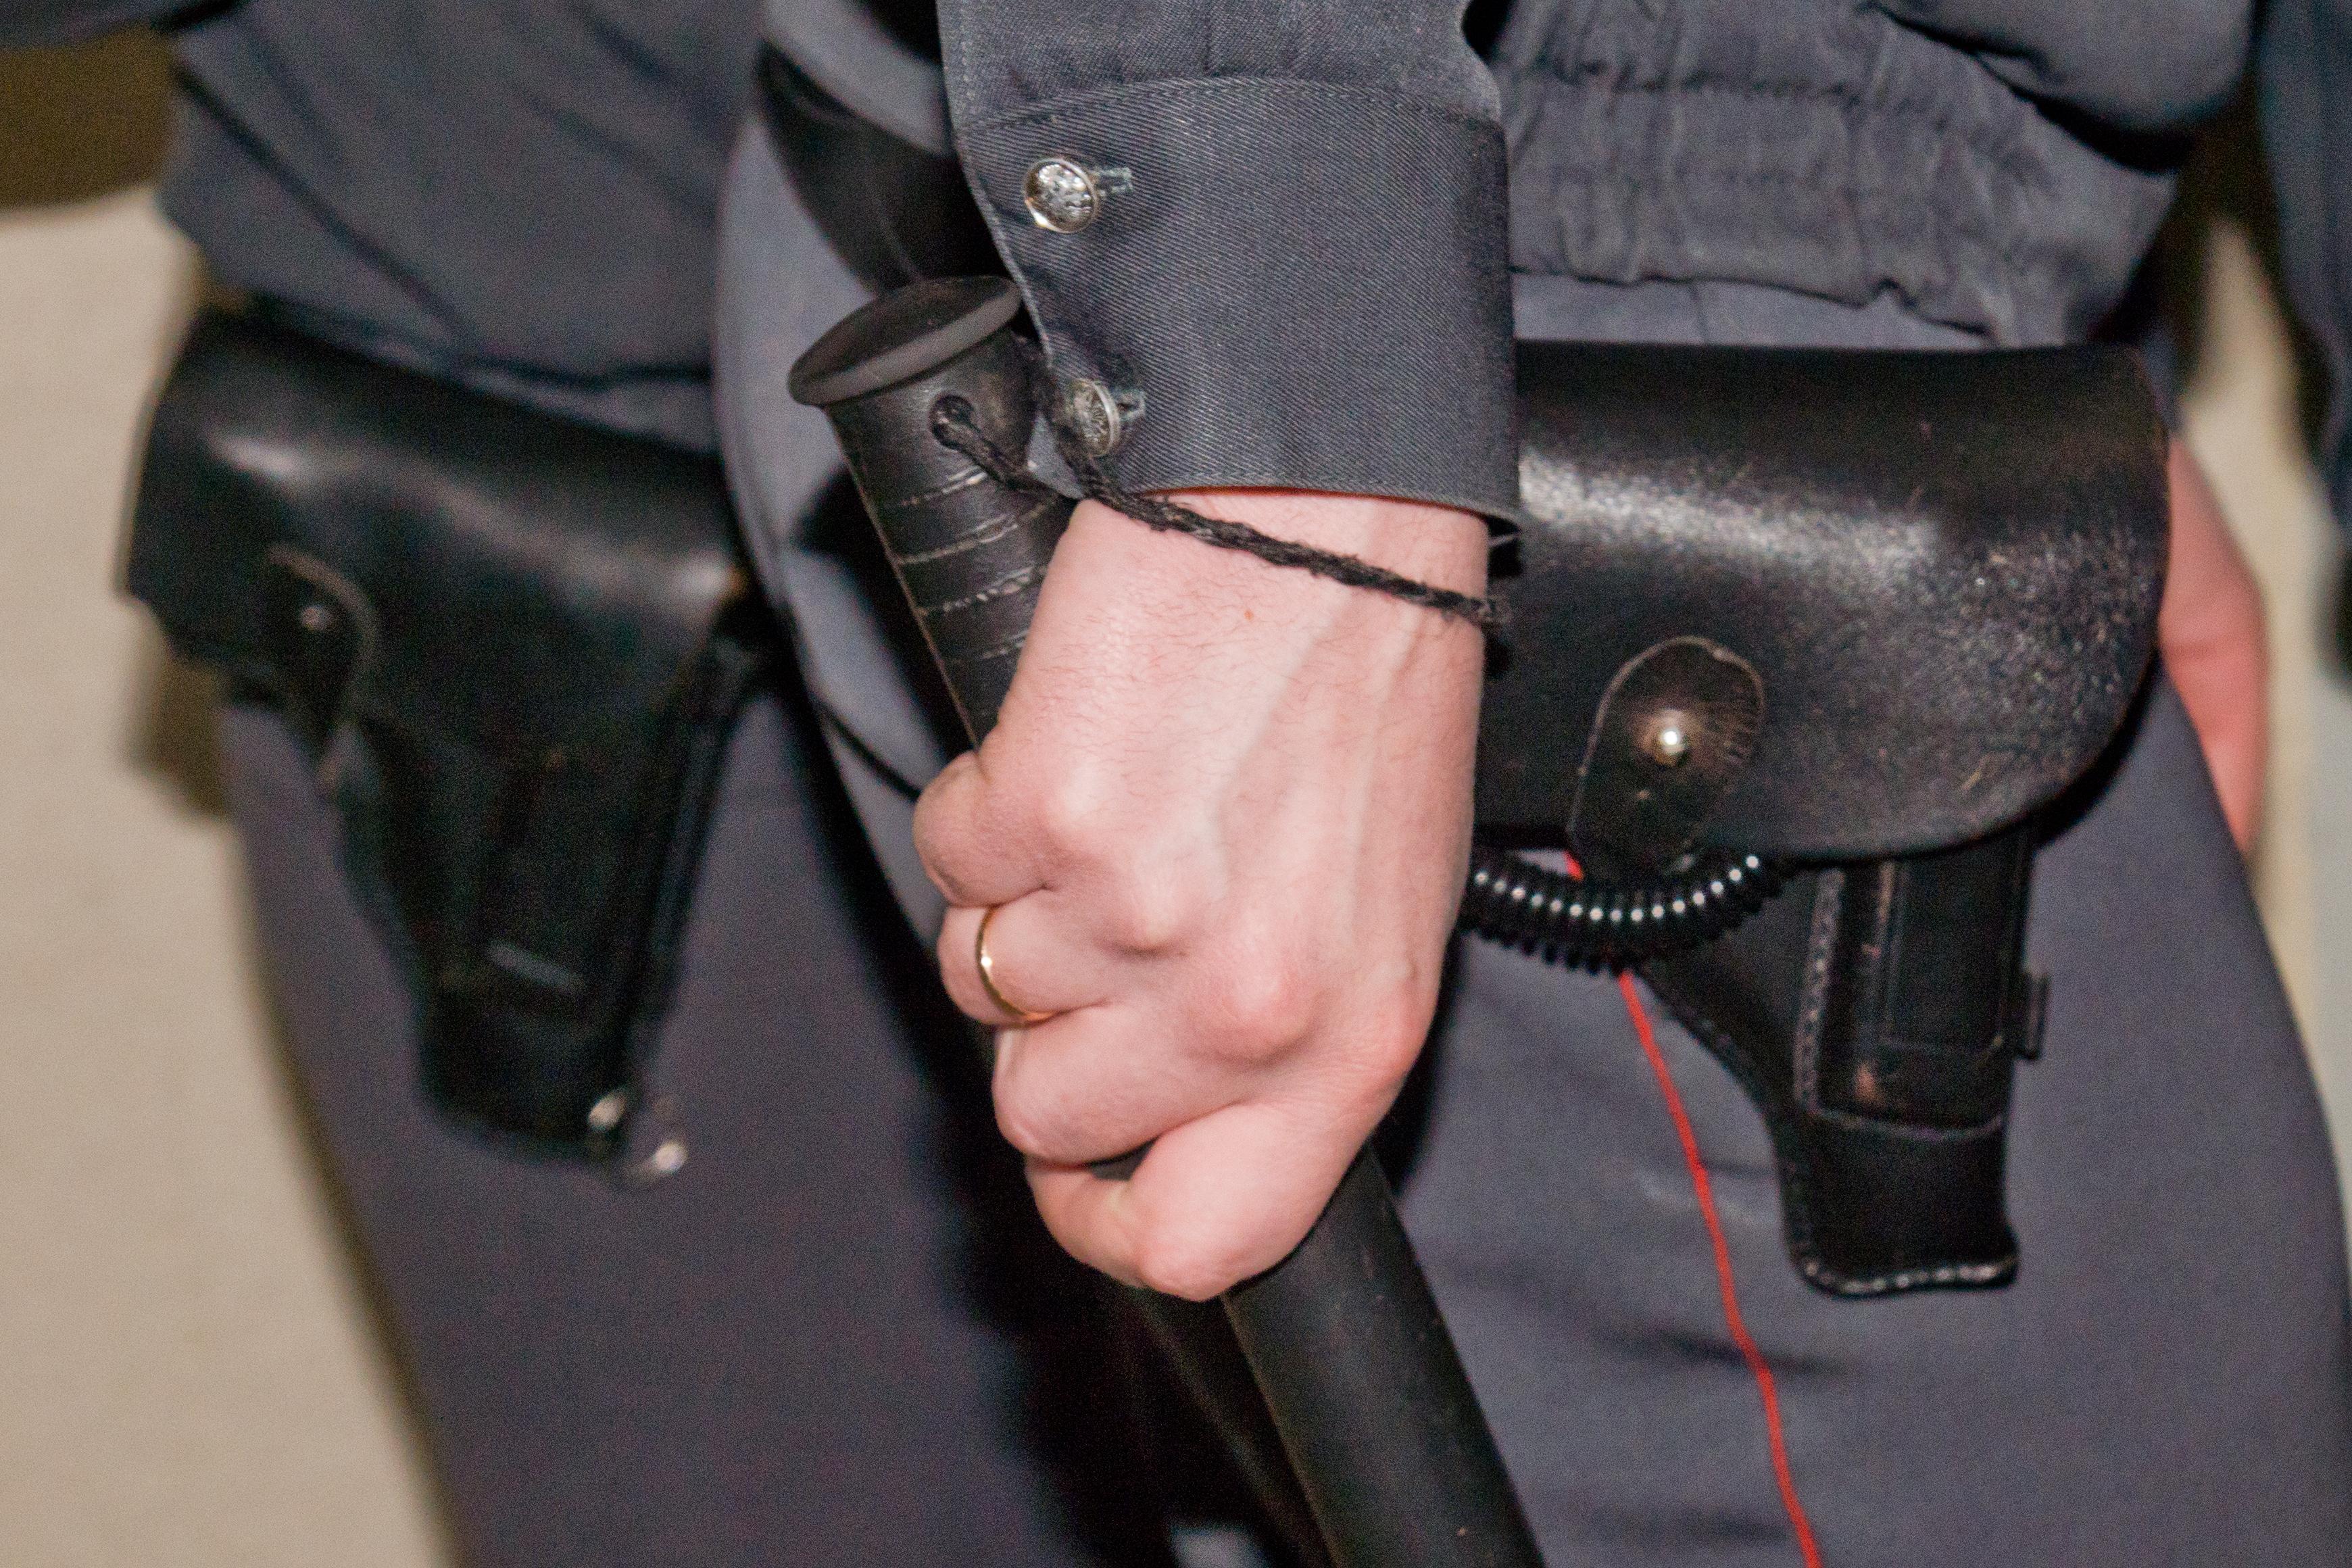 ВЕкатеринбурге уволят следователя заДТП с 2-мя пострадавшими